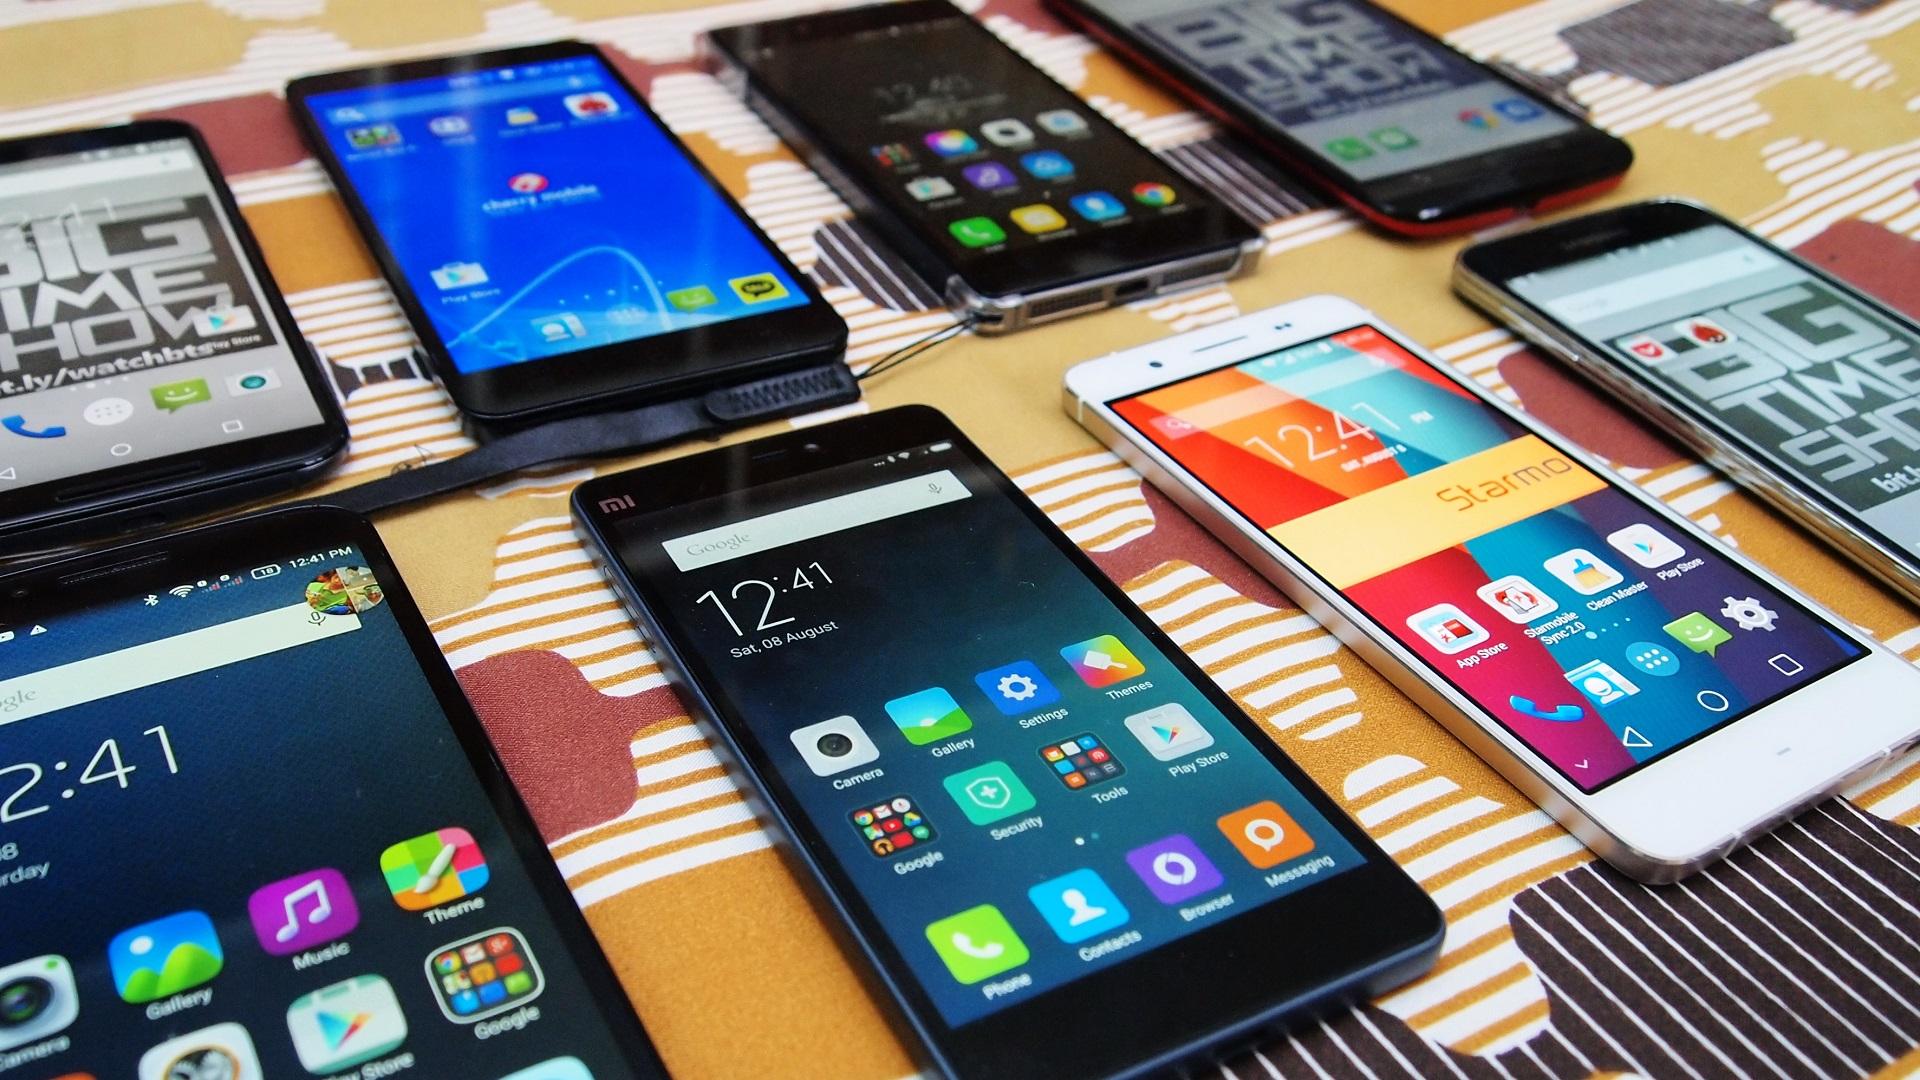 Ph Smartphone Database The Technoclast Asus Zenfone 2 Laser Ze601kl 3 32gb Free Zen Flash